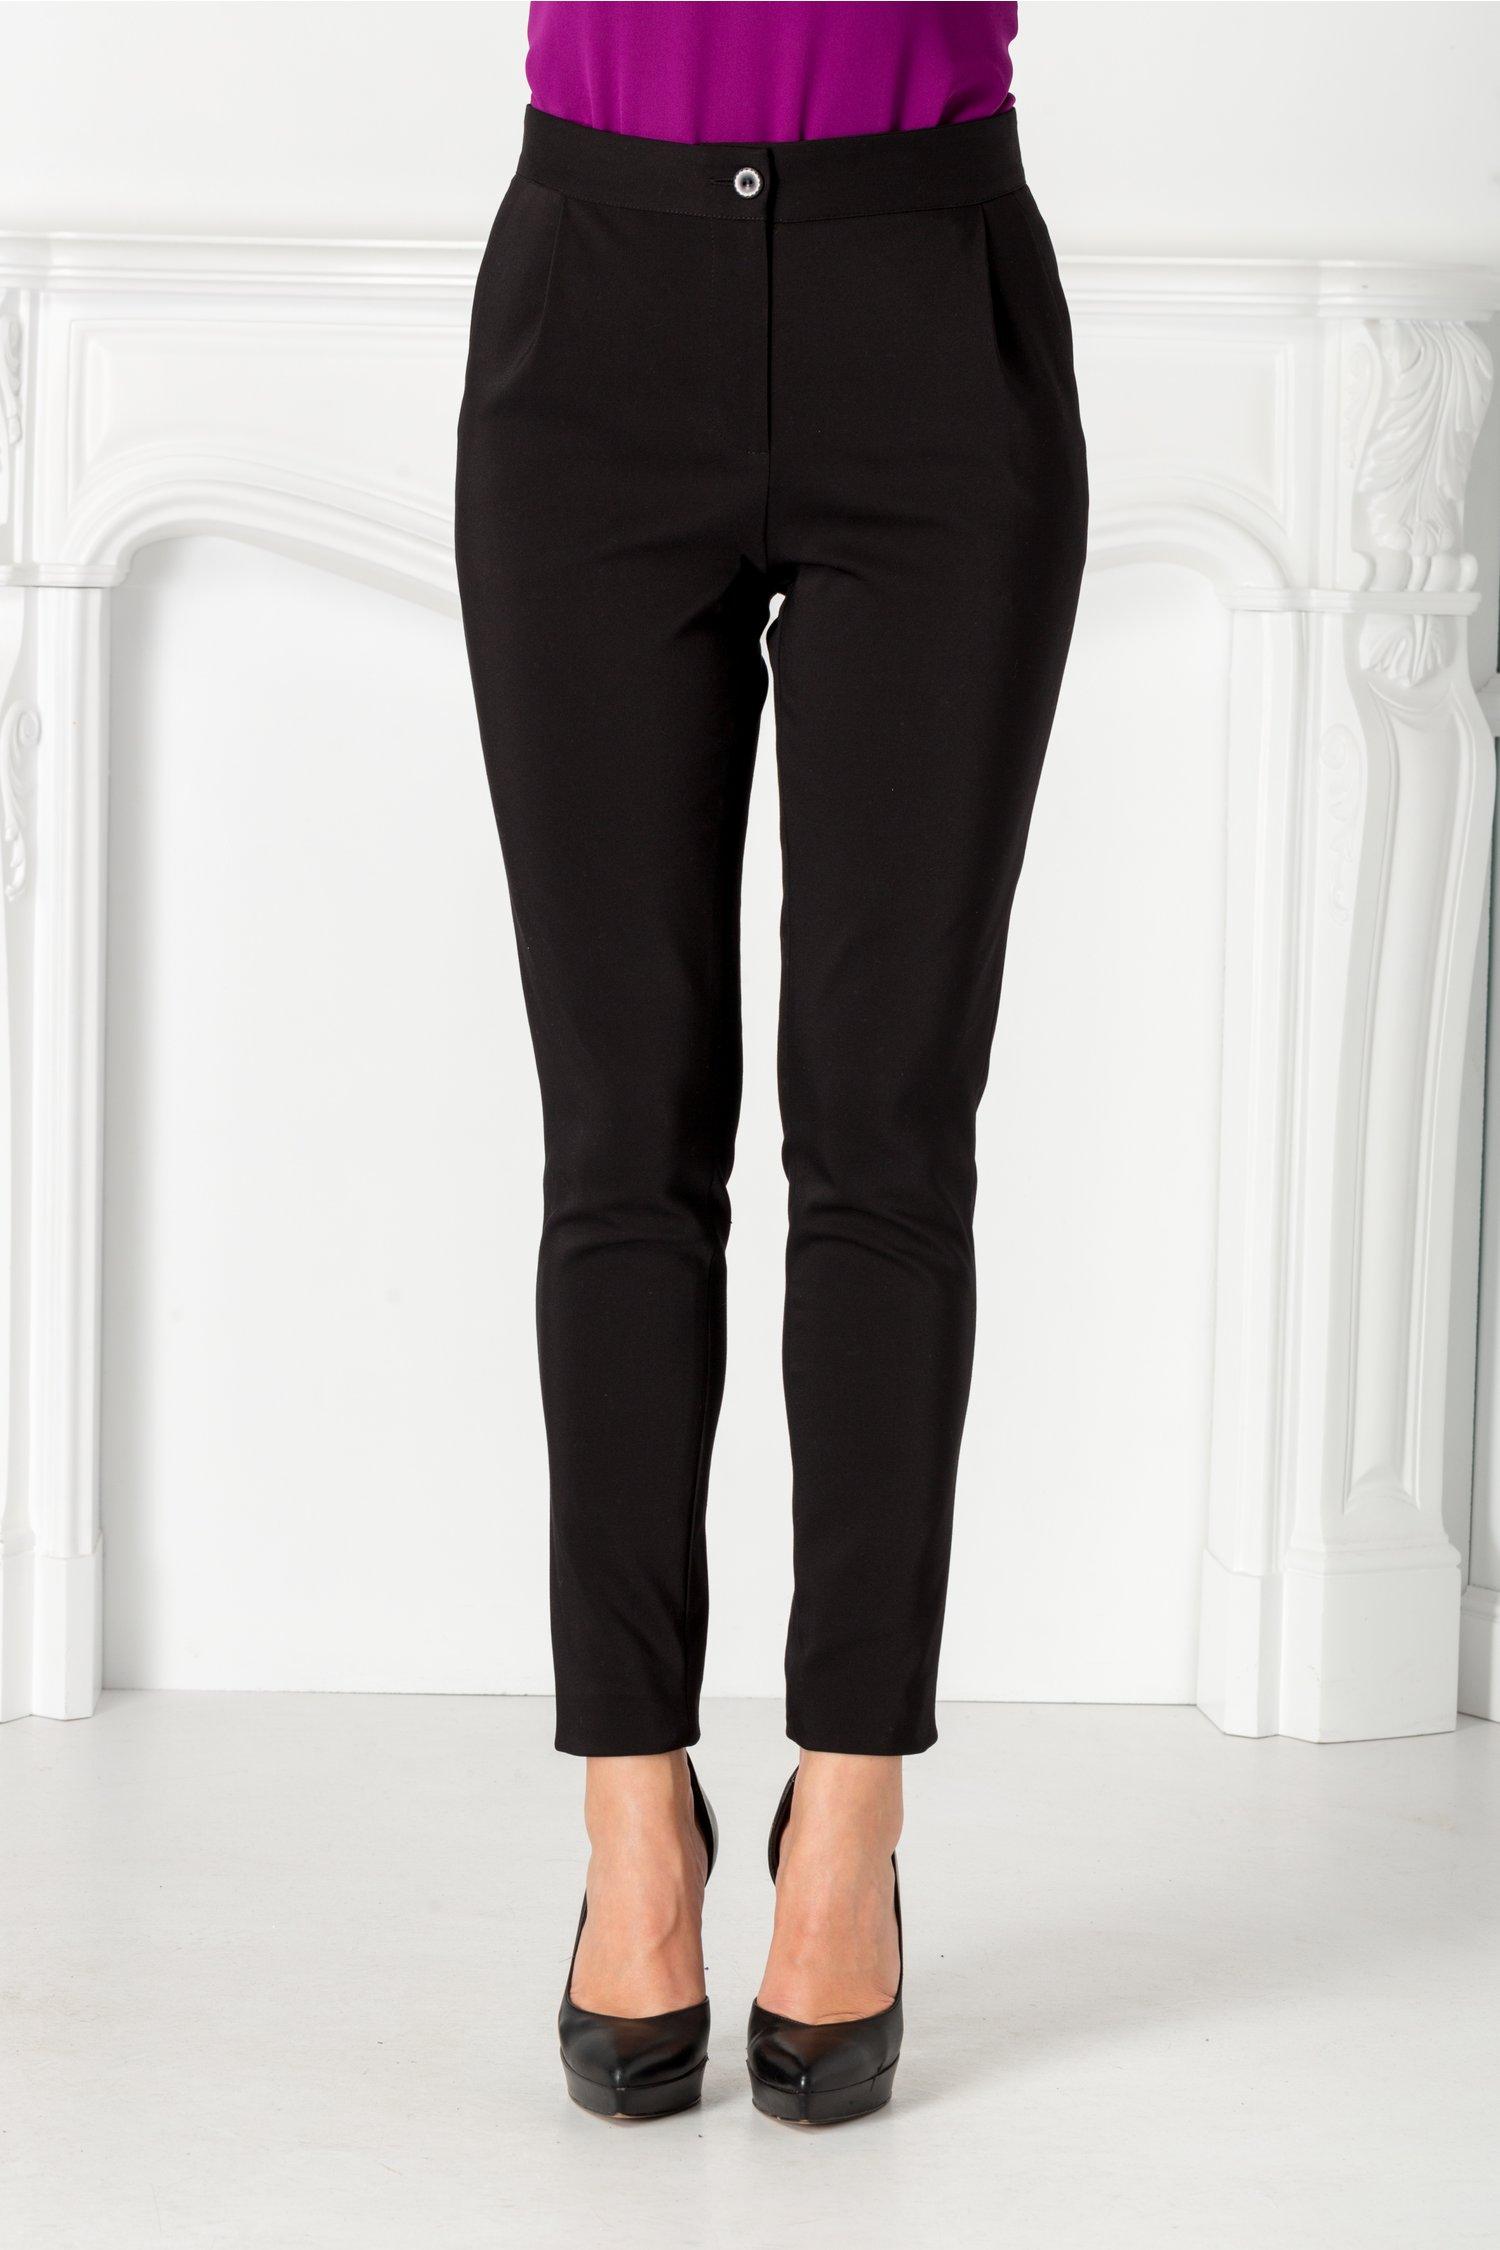 Pantaloni Roxy negri office